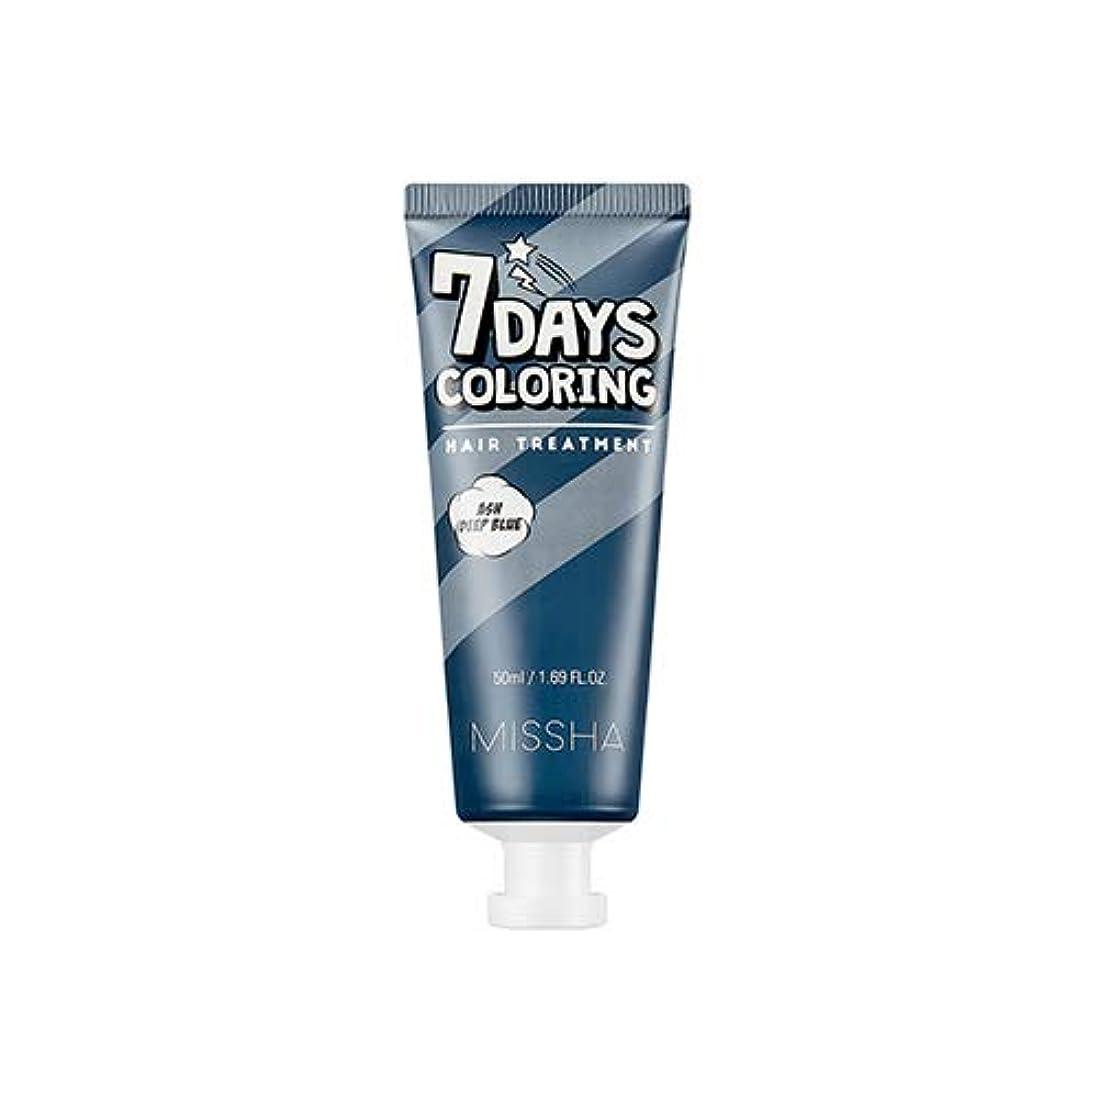 ビリーヤギ全体非アクティブミシャ セブンデイズカラーリングヘアトリートメント 50ml / MISSHA 7 Days Coloring Hair Treatment # Ash Deep Blue [並行輸入品]